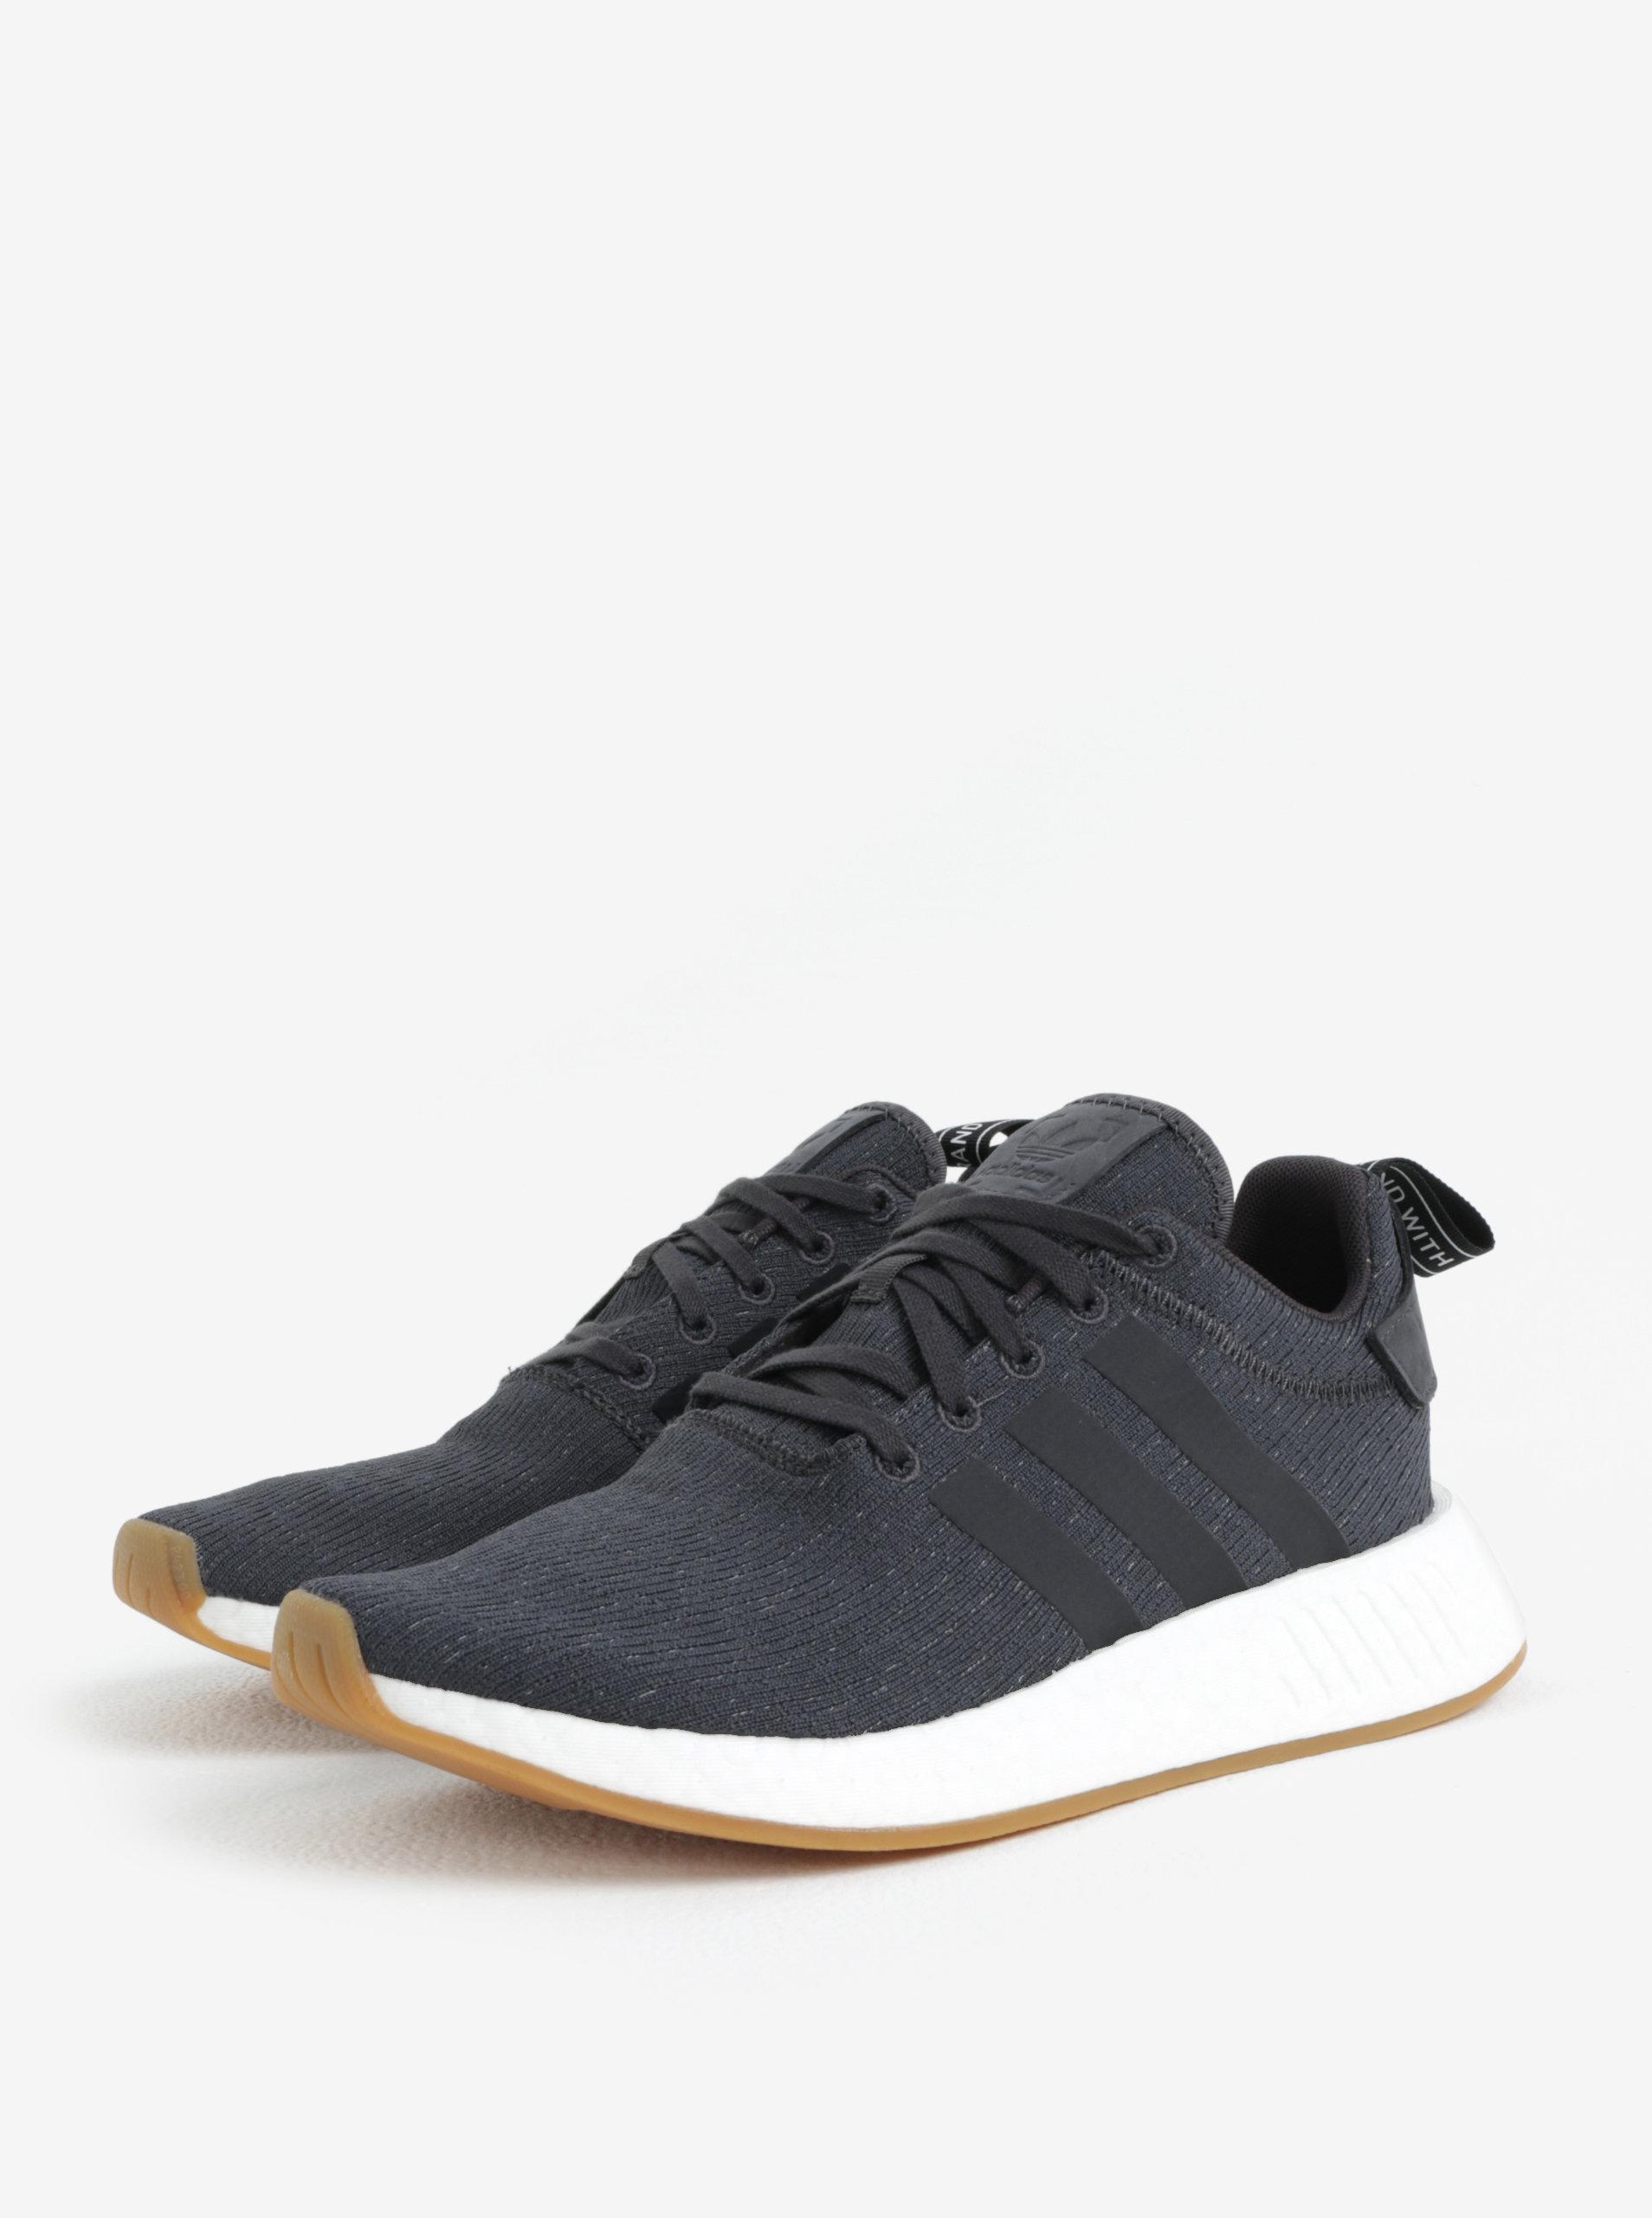 Tmavě šedé pánské tenisky adidas Originals NMD R2 ... 03343d13050